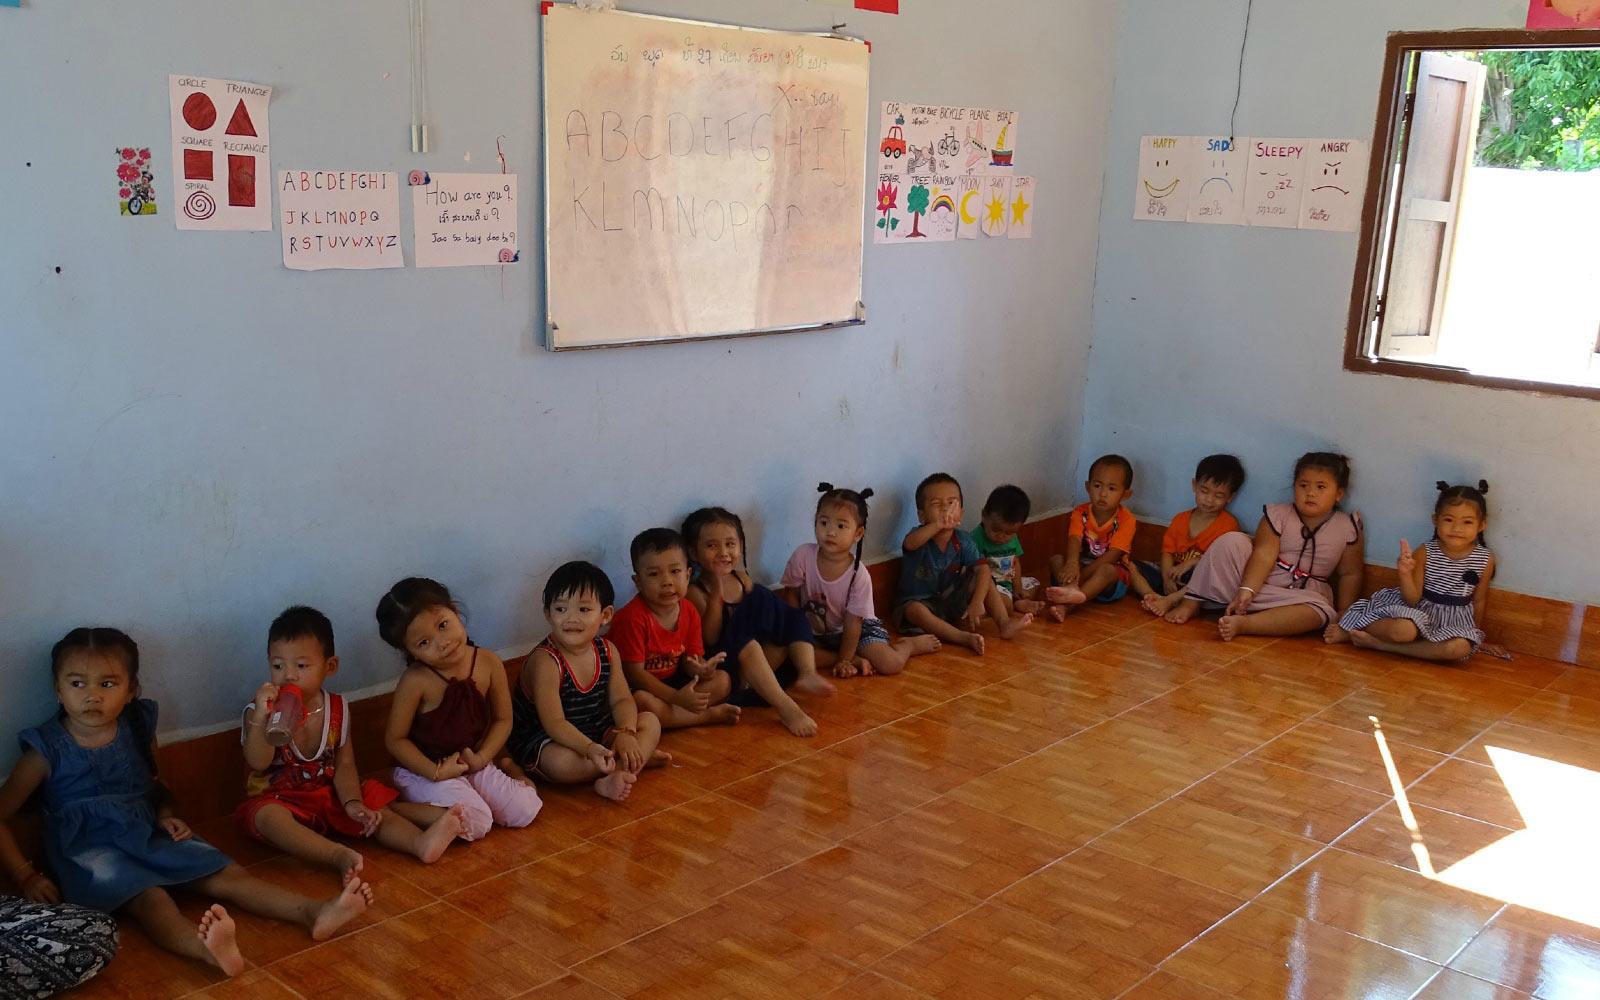 Kinder sitzen an einer Wand entlang auf dem Boden